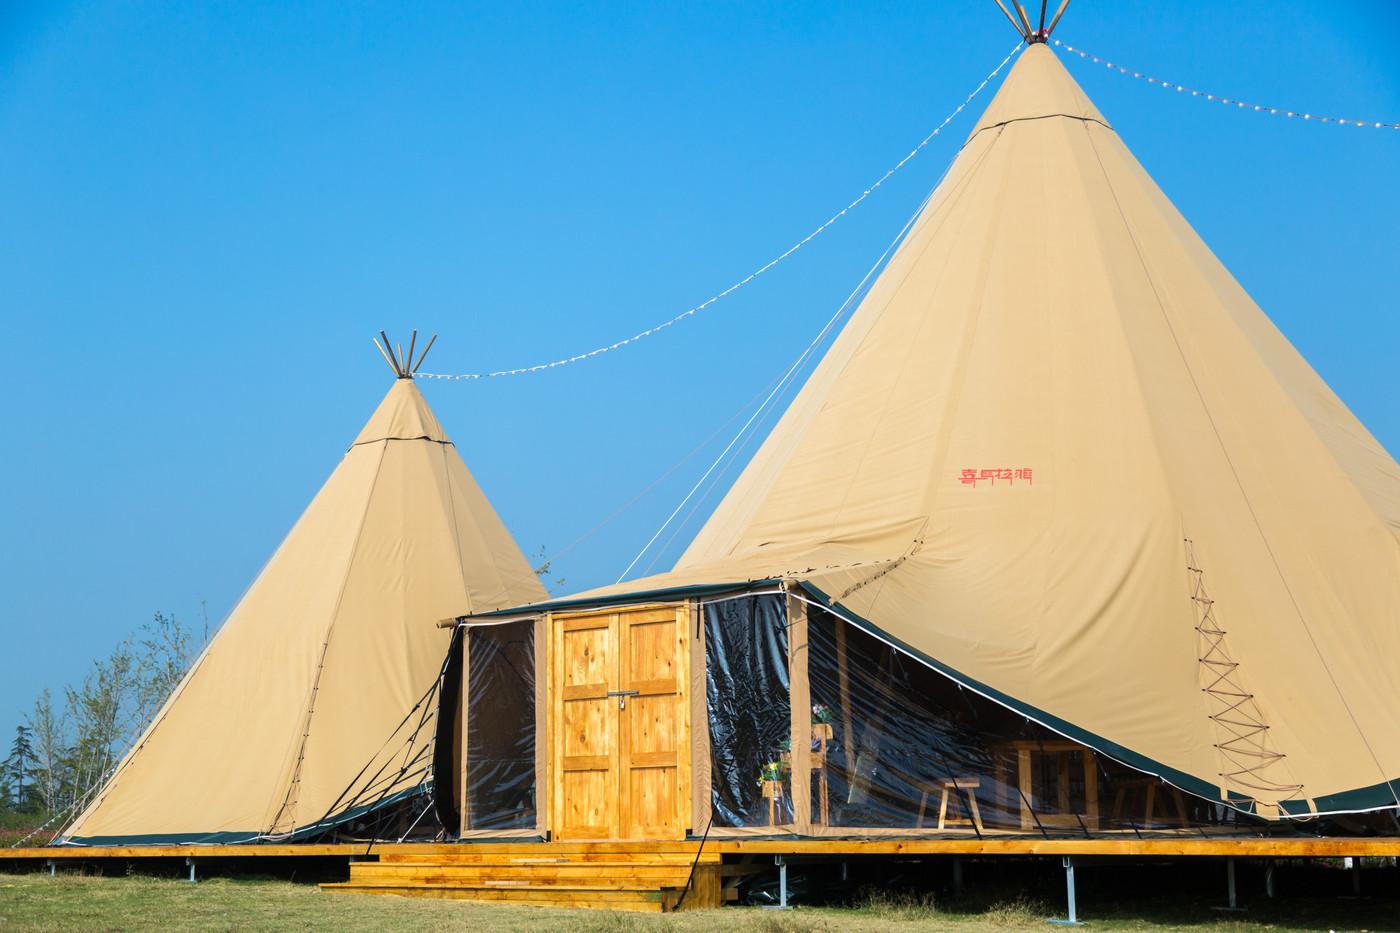 喜马拉雅印第安多功能大厅—淮安白马湖生态旅游度假区4